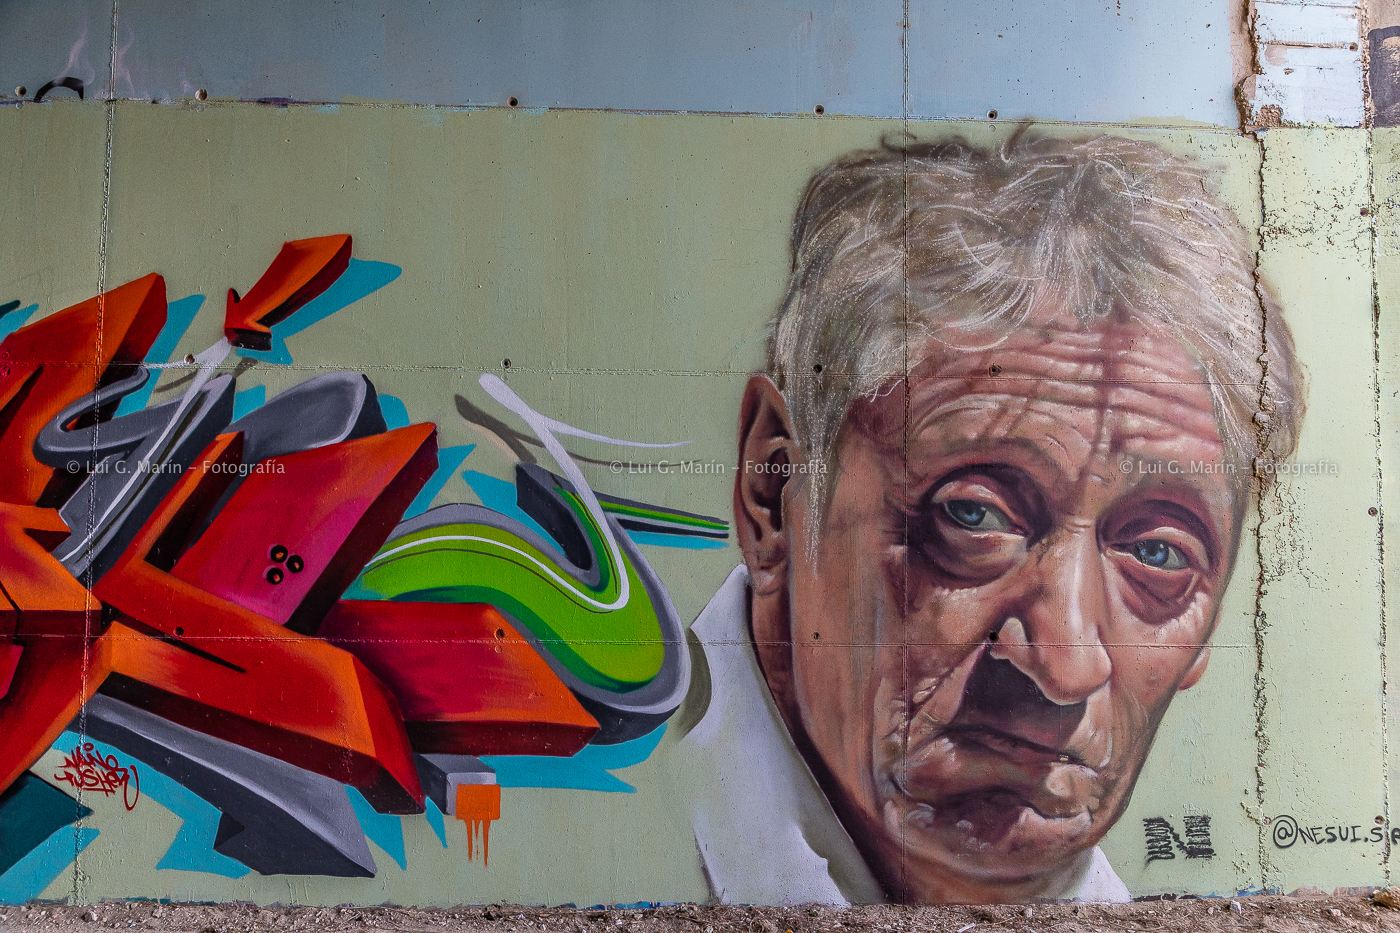 Nuevos graffitis en Benalmádena. Tributo a Enrique San Francisco